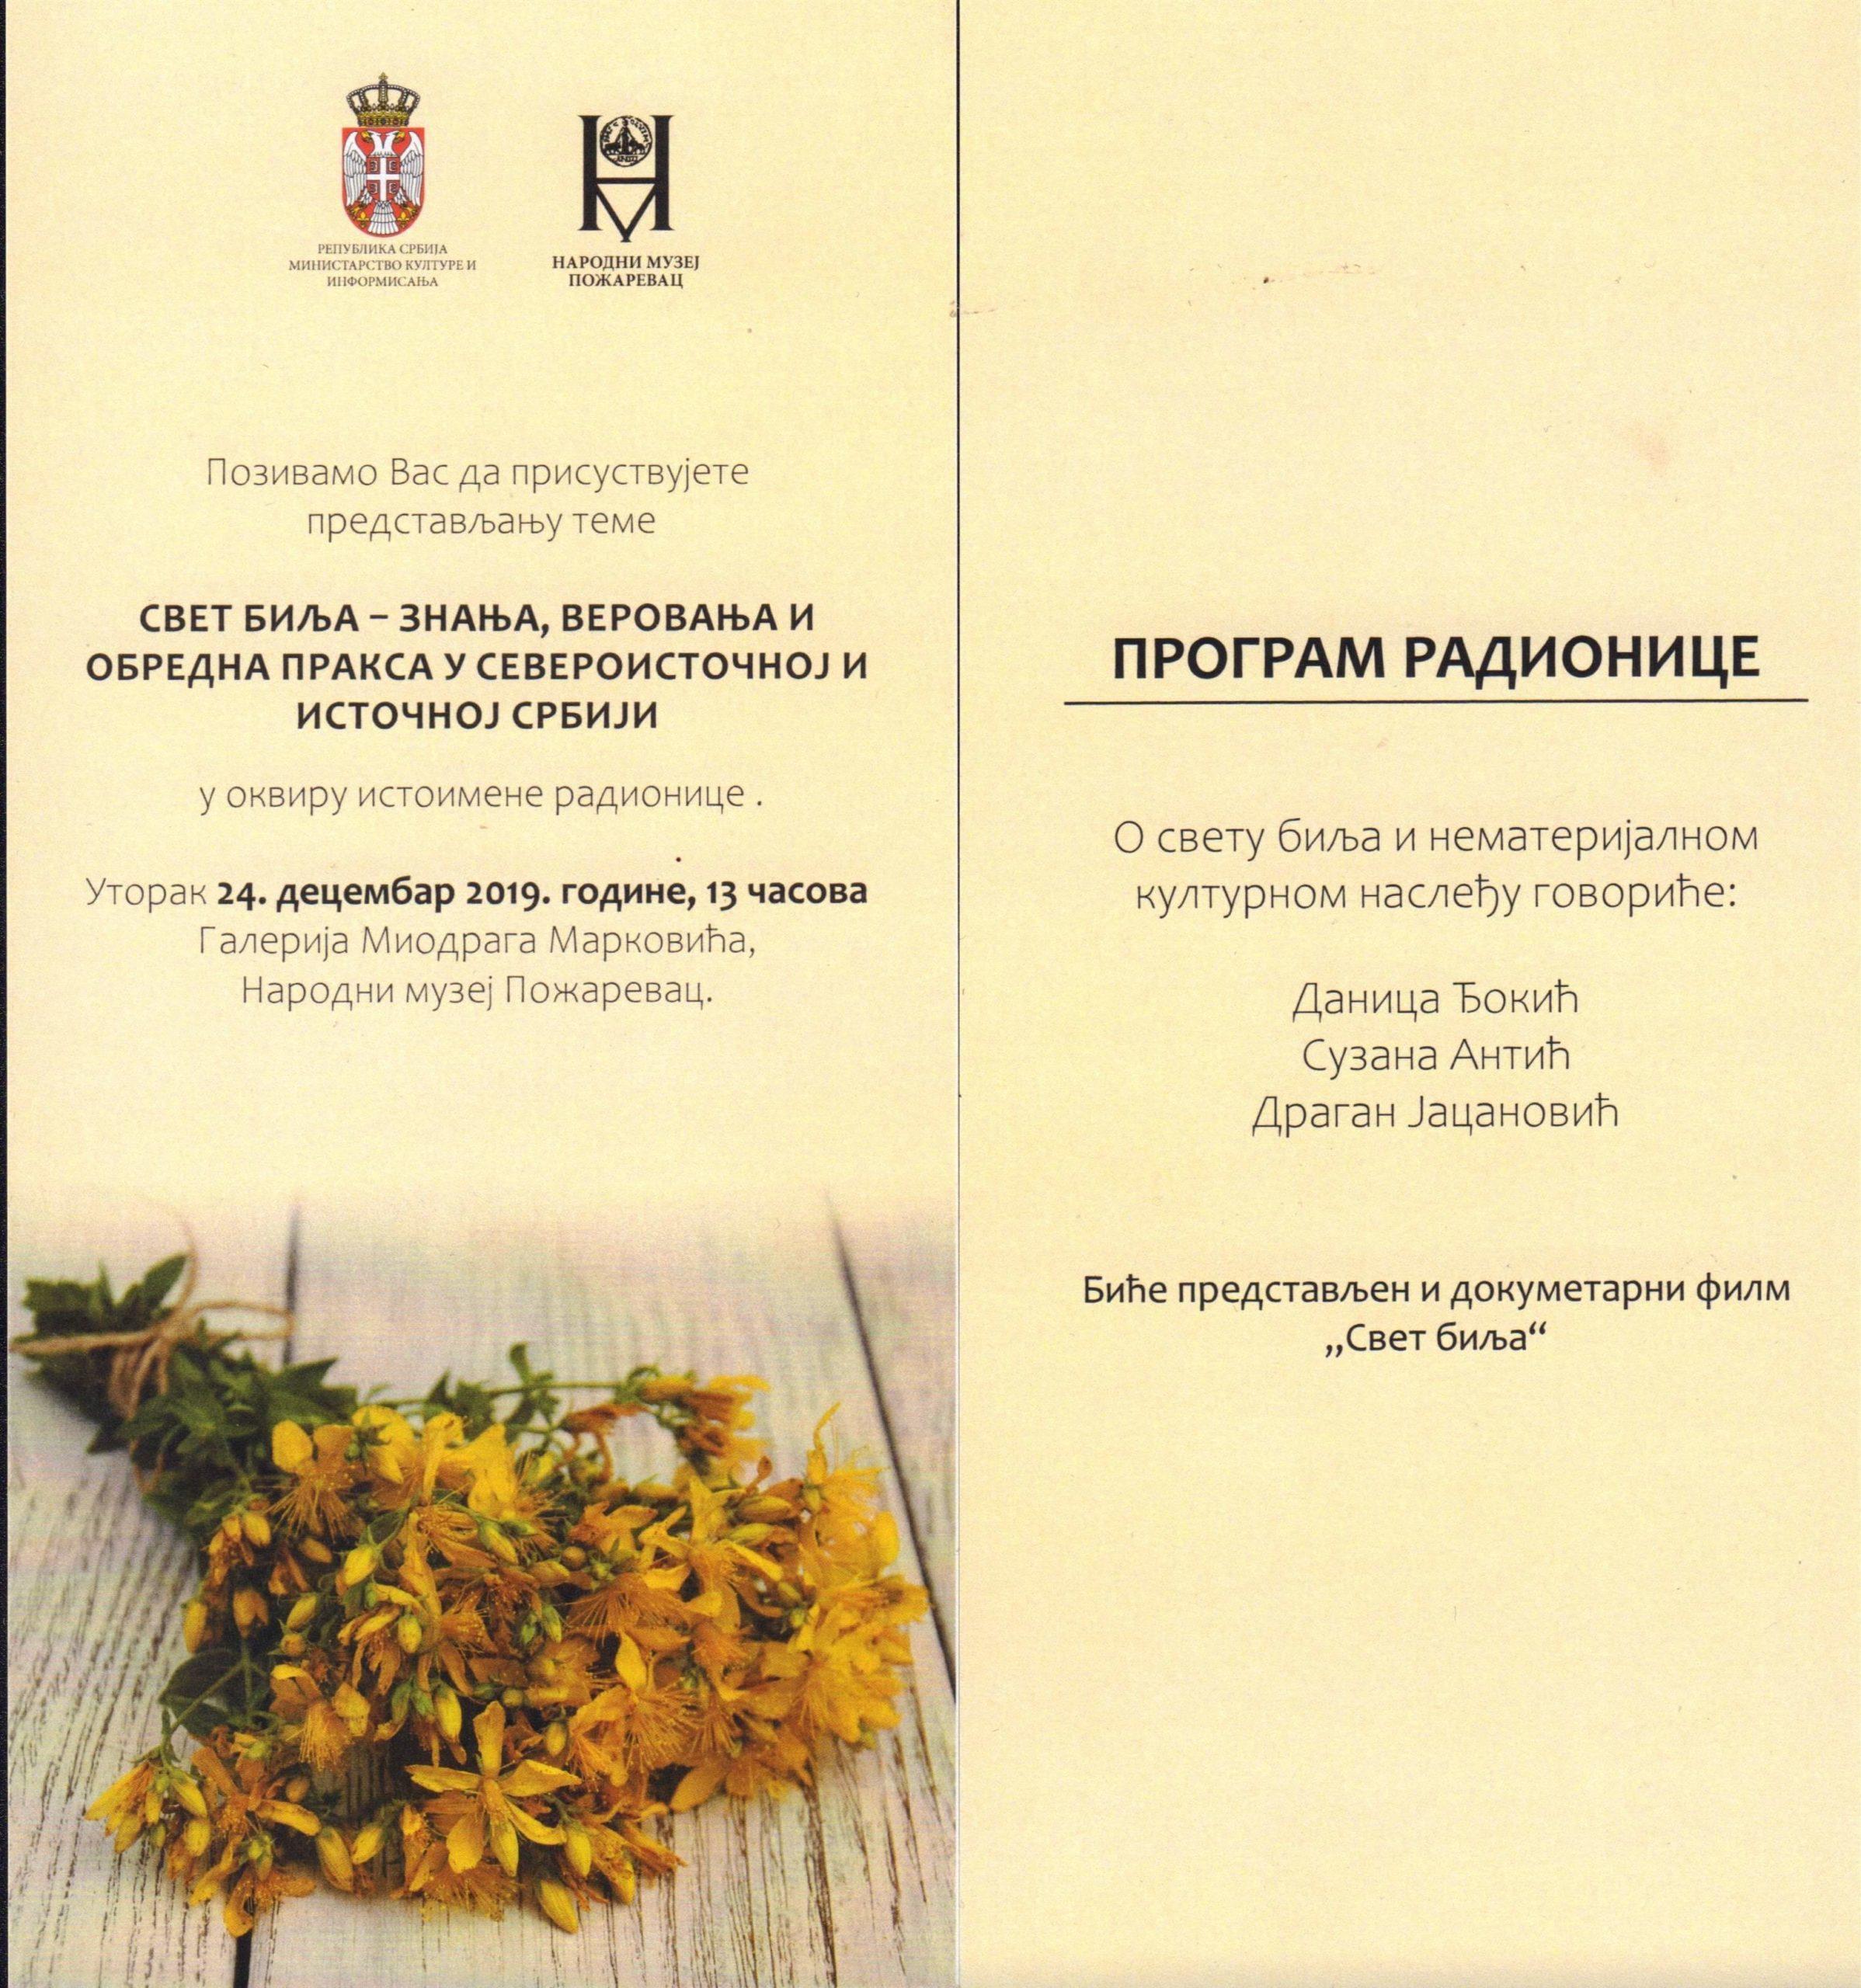 Predstavljanje teme: SVET BILJA - ZNANJA, VEROVANJA I OBREDNA PRAKSA U SEVEROISTOČNOJ I ISTOČNOJ SRBIJI u Narodnom muzeju u Požarevcu 27199